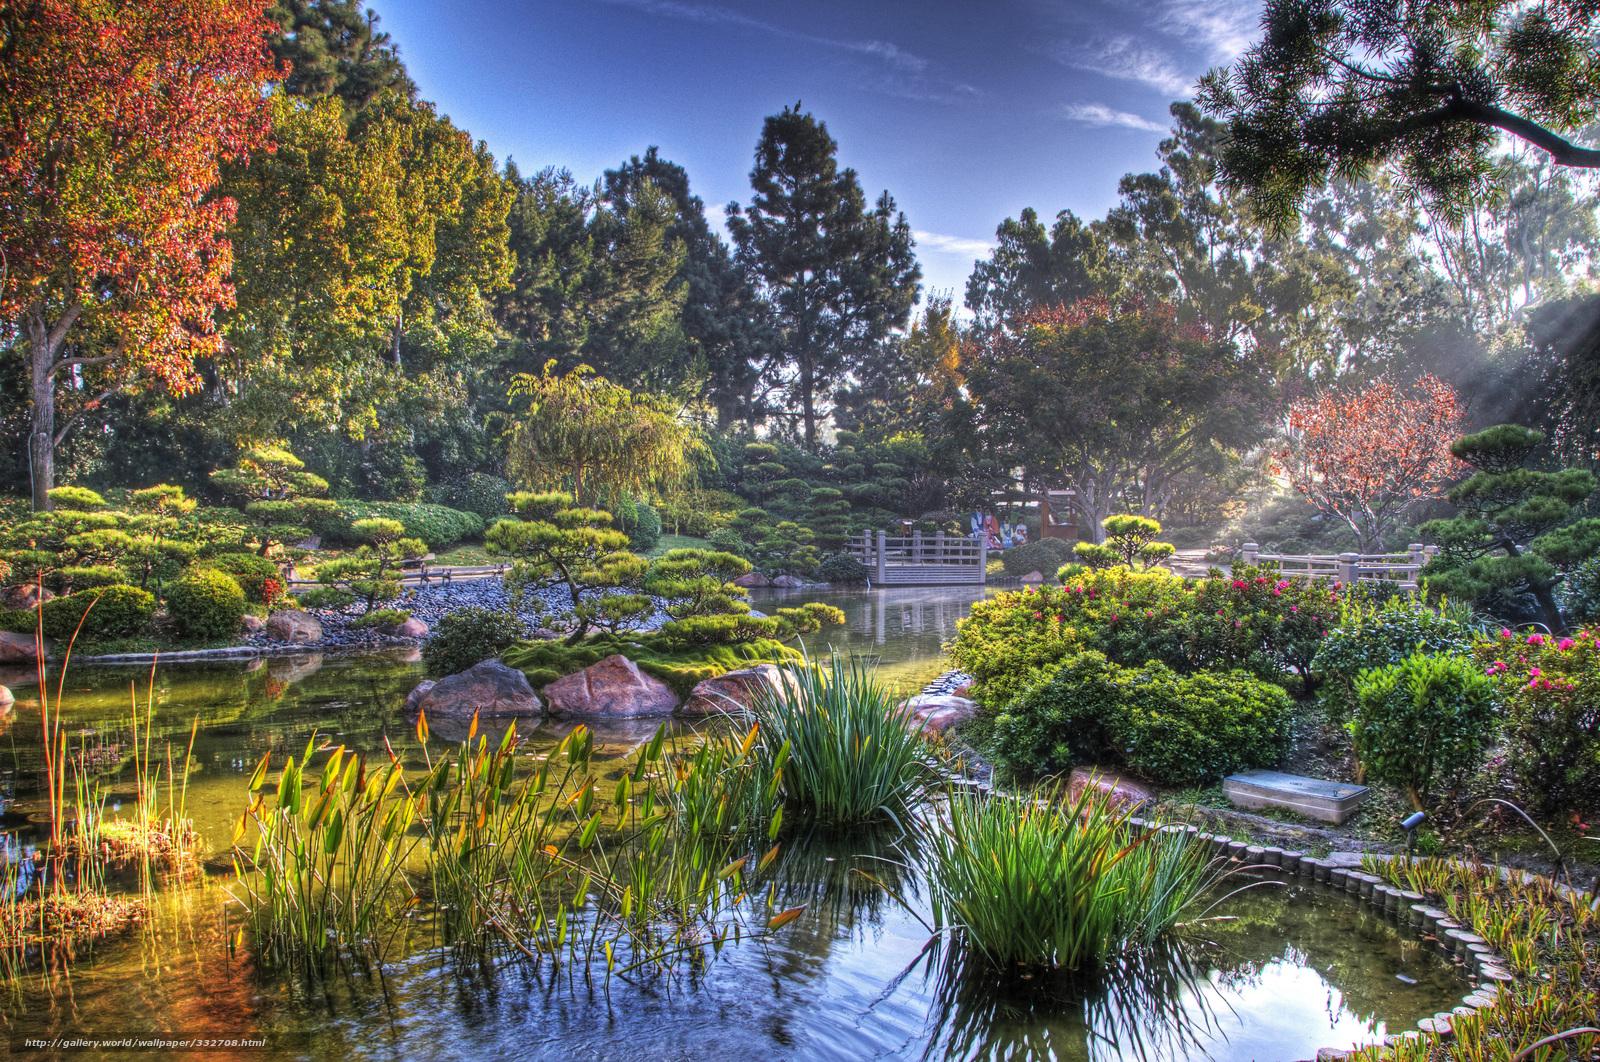 tlcharger fond d 39 ecran japon jardin japonais tang fonds d 39 ecran gratuits pour votre rsolution. Black Bedroom Furniture Sets. Home Design Ideas